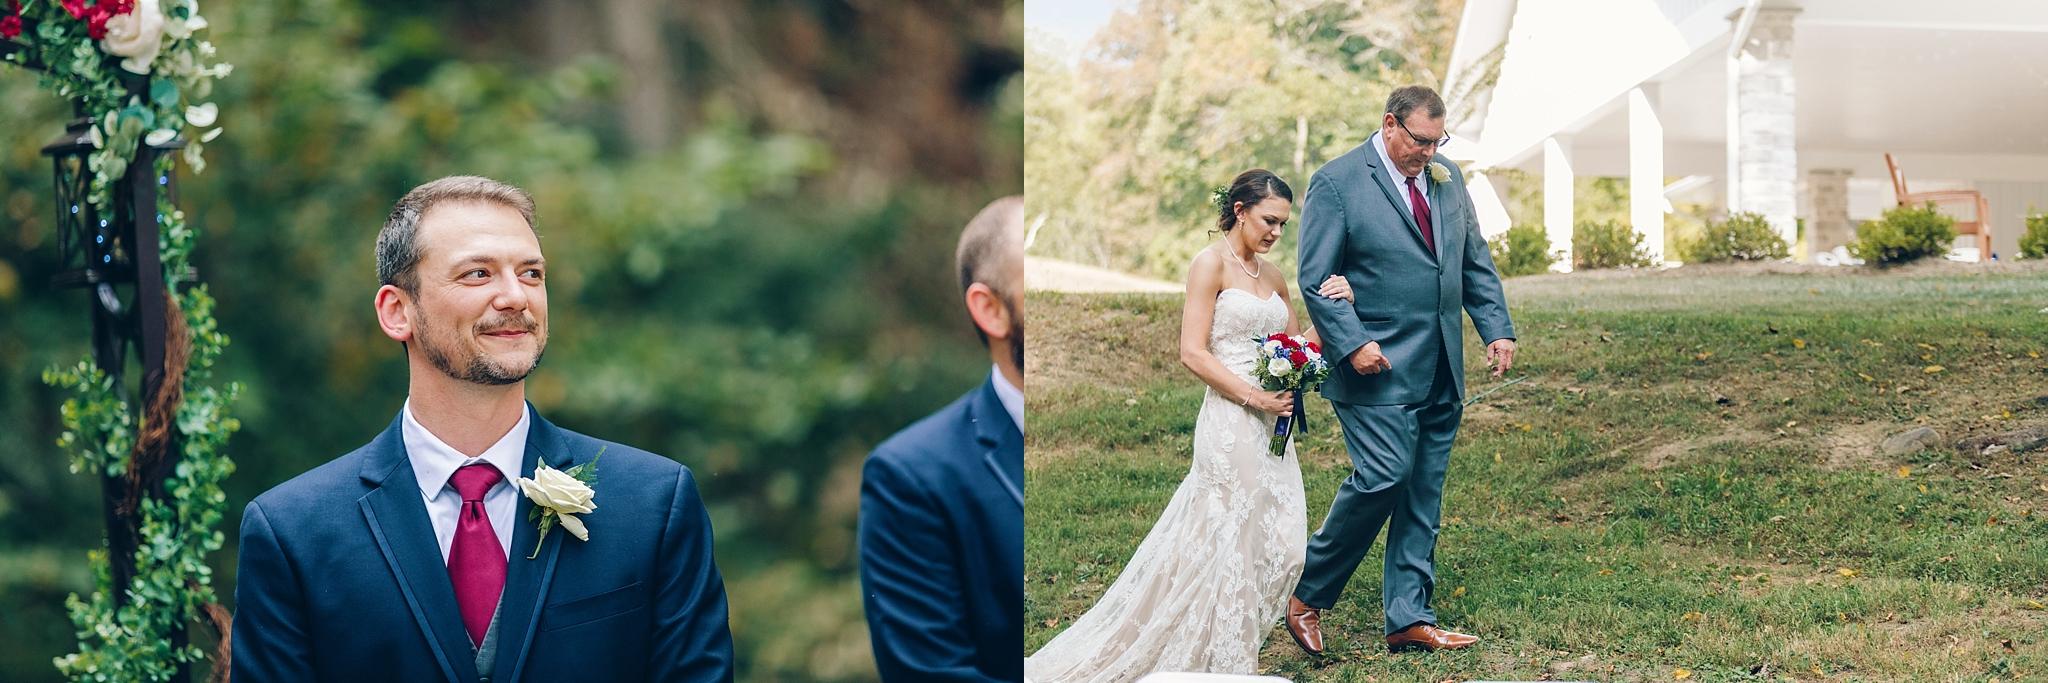 buckeye-farm-virginia-wedding_0627.jpg